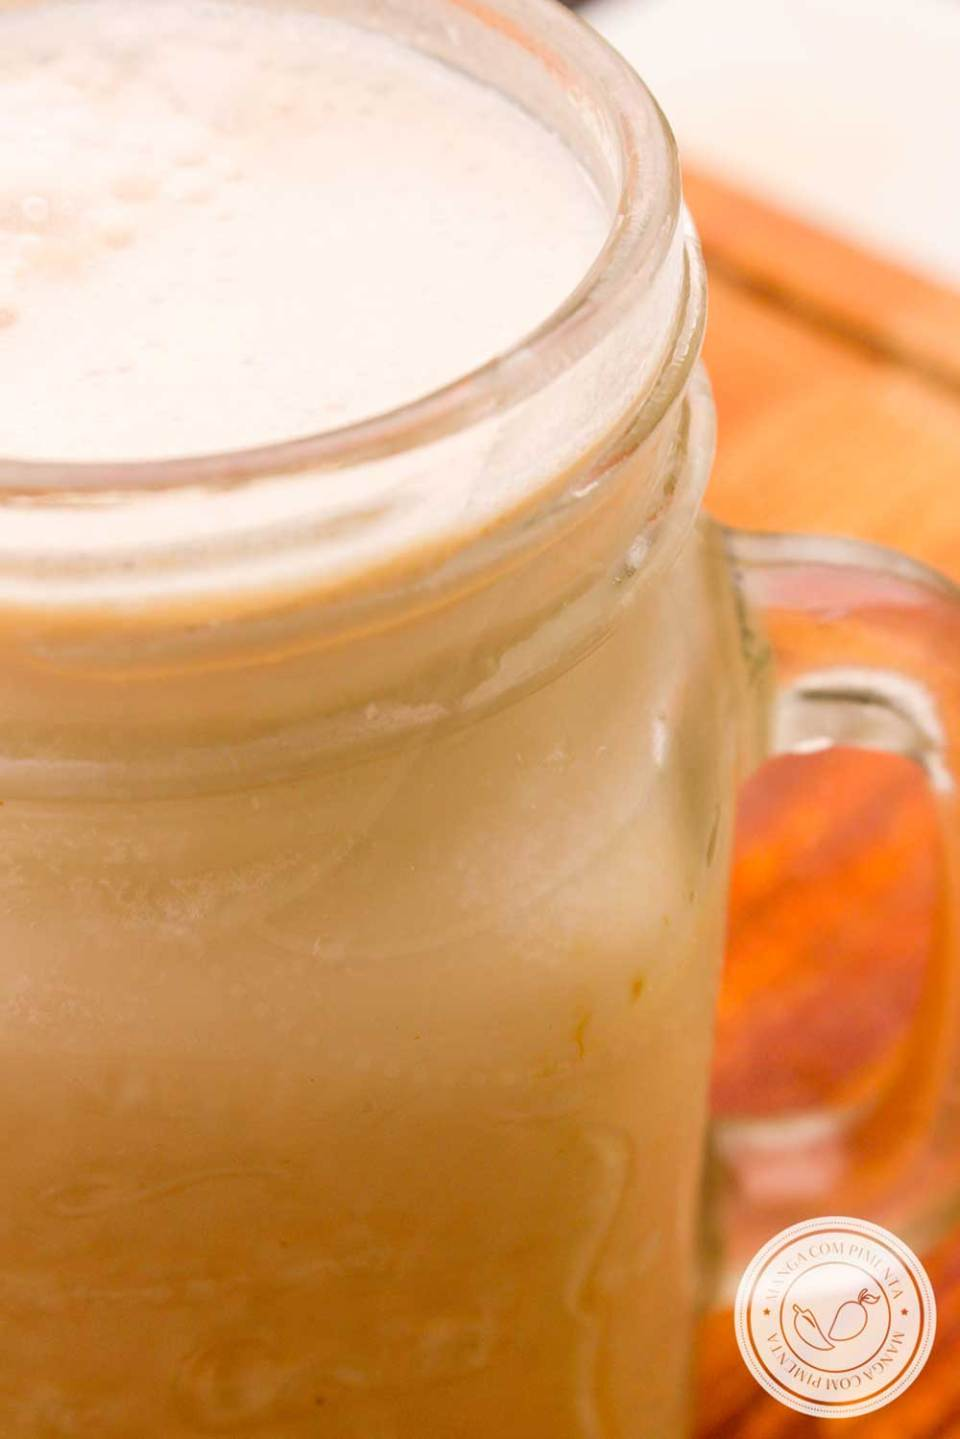 Receita de Chá Mate com Leite em Pó - uma bebida maravilhosa para acompanhar aquela bacia de pão de queijo!